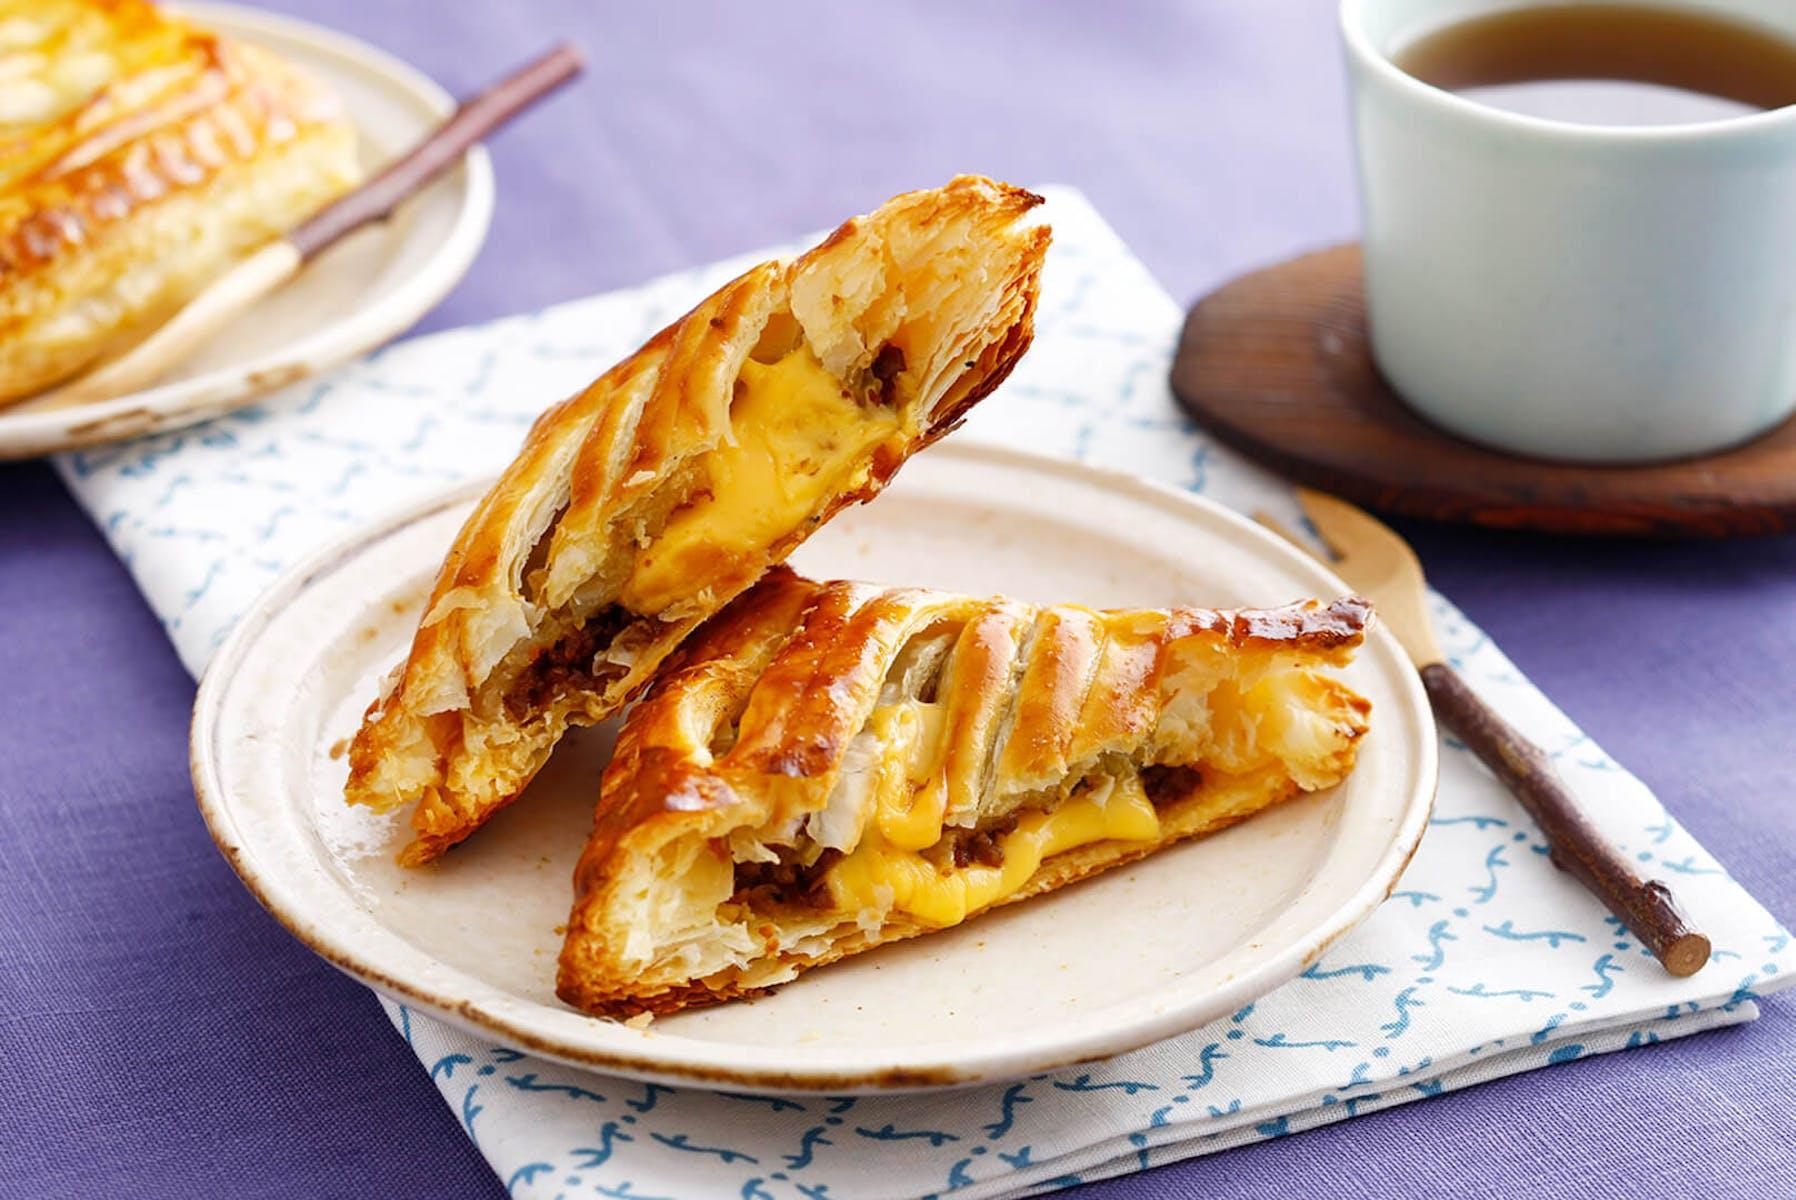 味噌入りチーズミートパイ